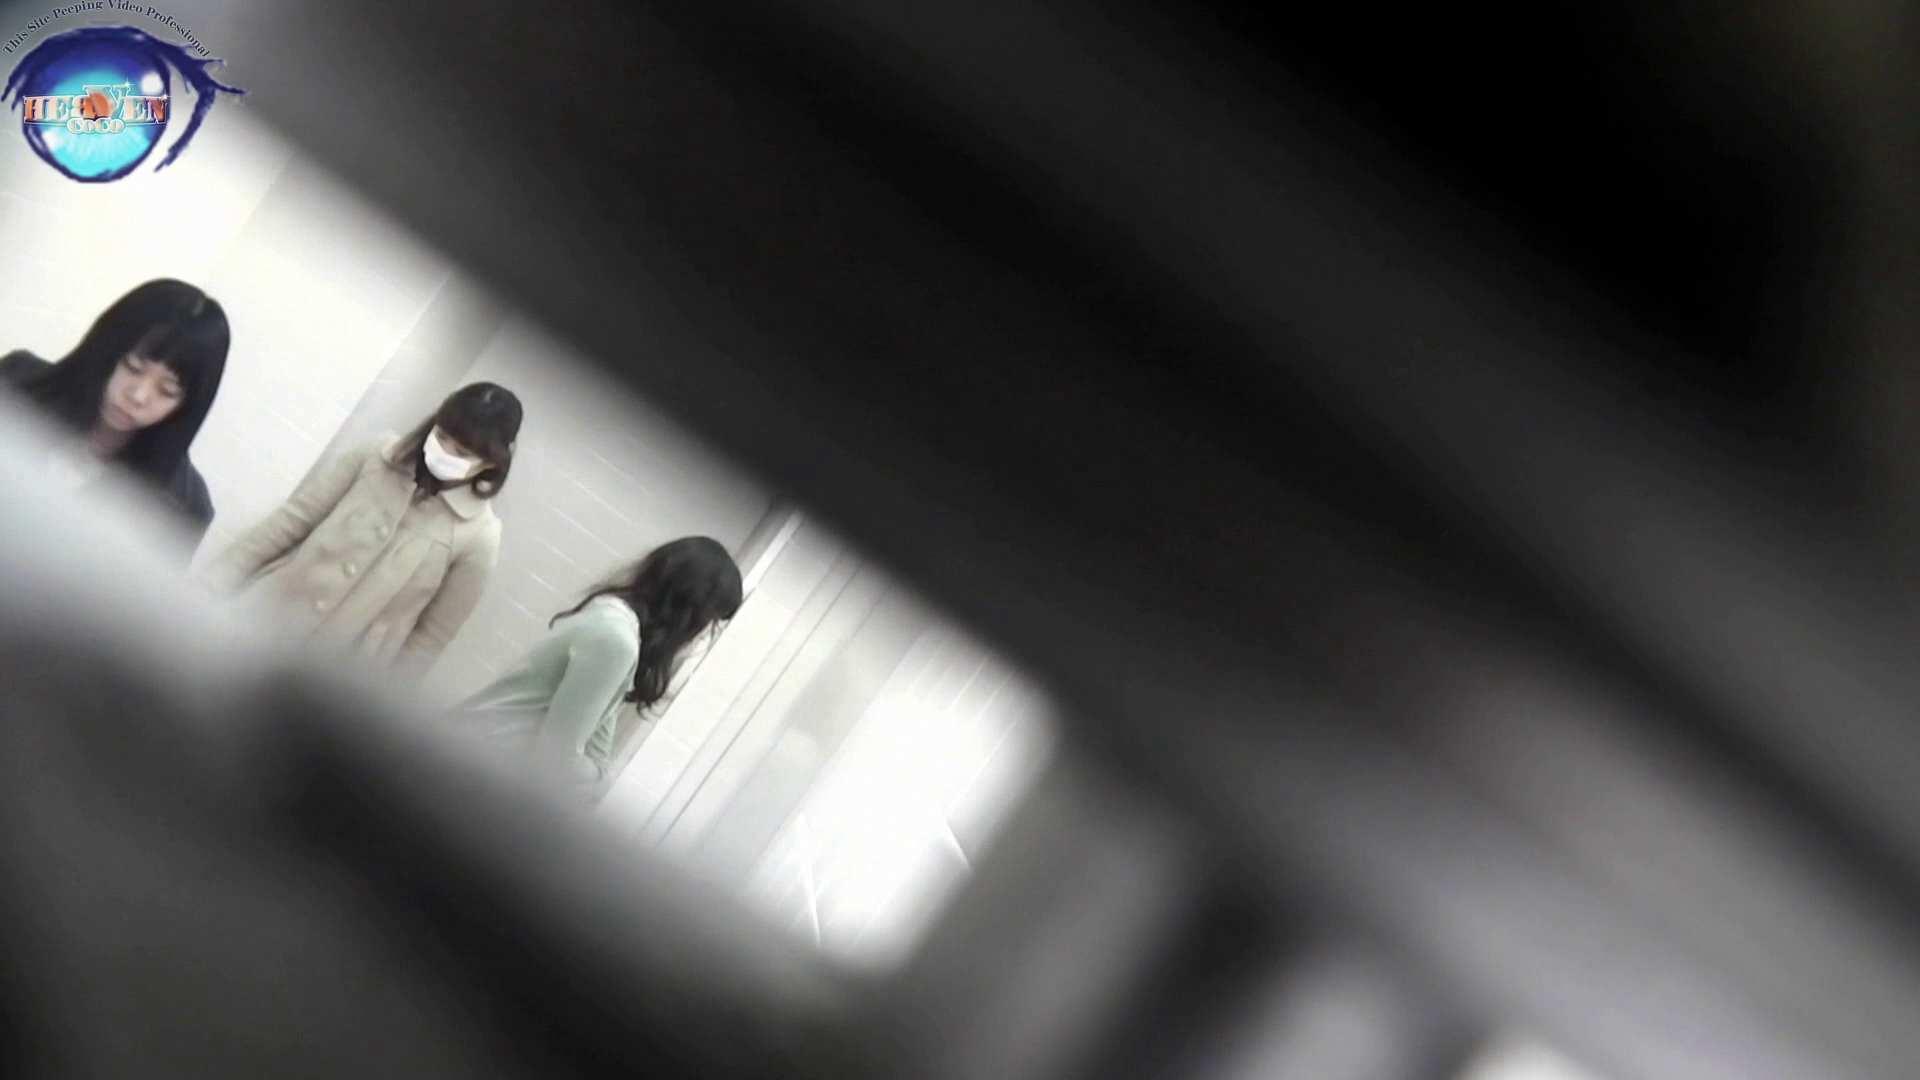 お銀さんの「洗面所突入レポート!!」 vol.65 美女を撮るためにみんなの前に割り込む!!前編 美女まとめ | 洗面所編  104PIX 57